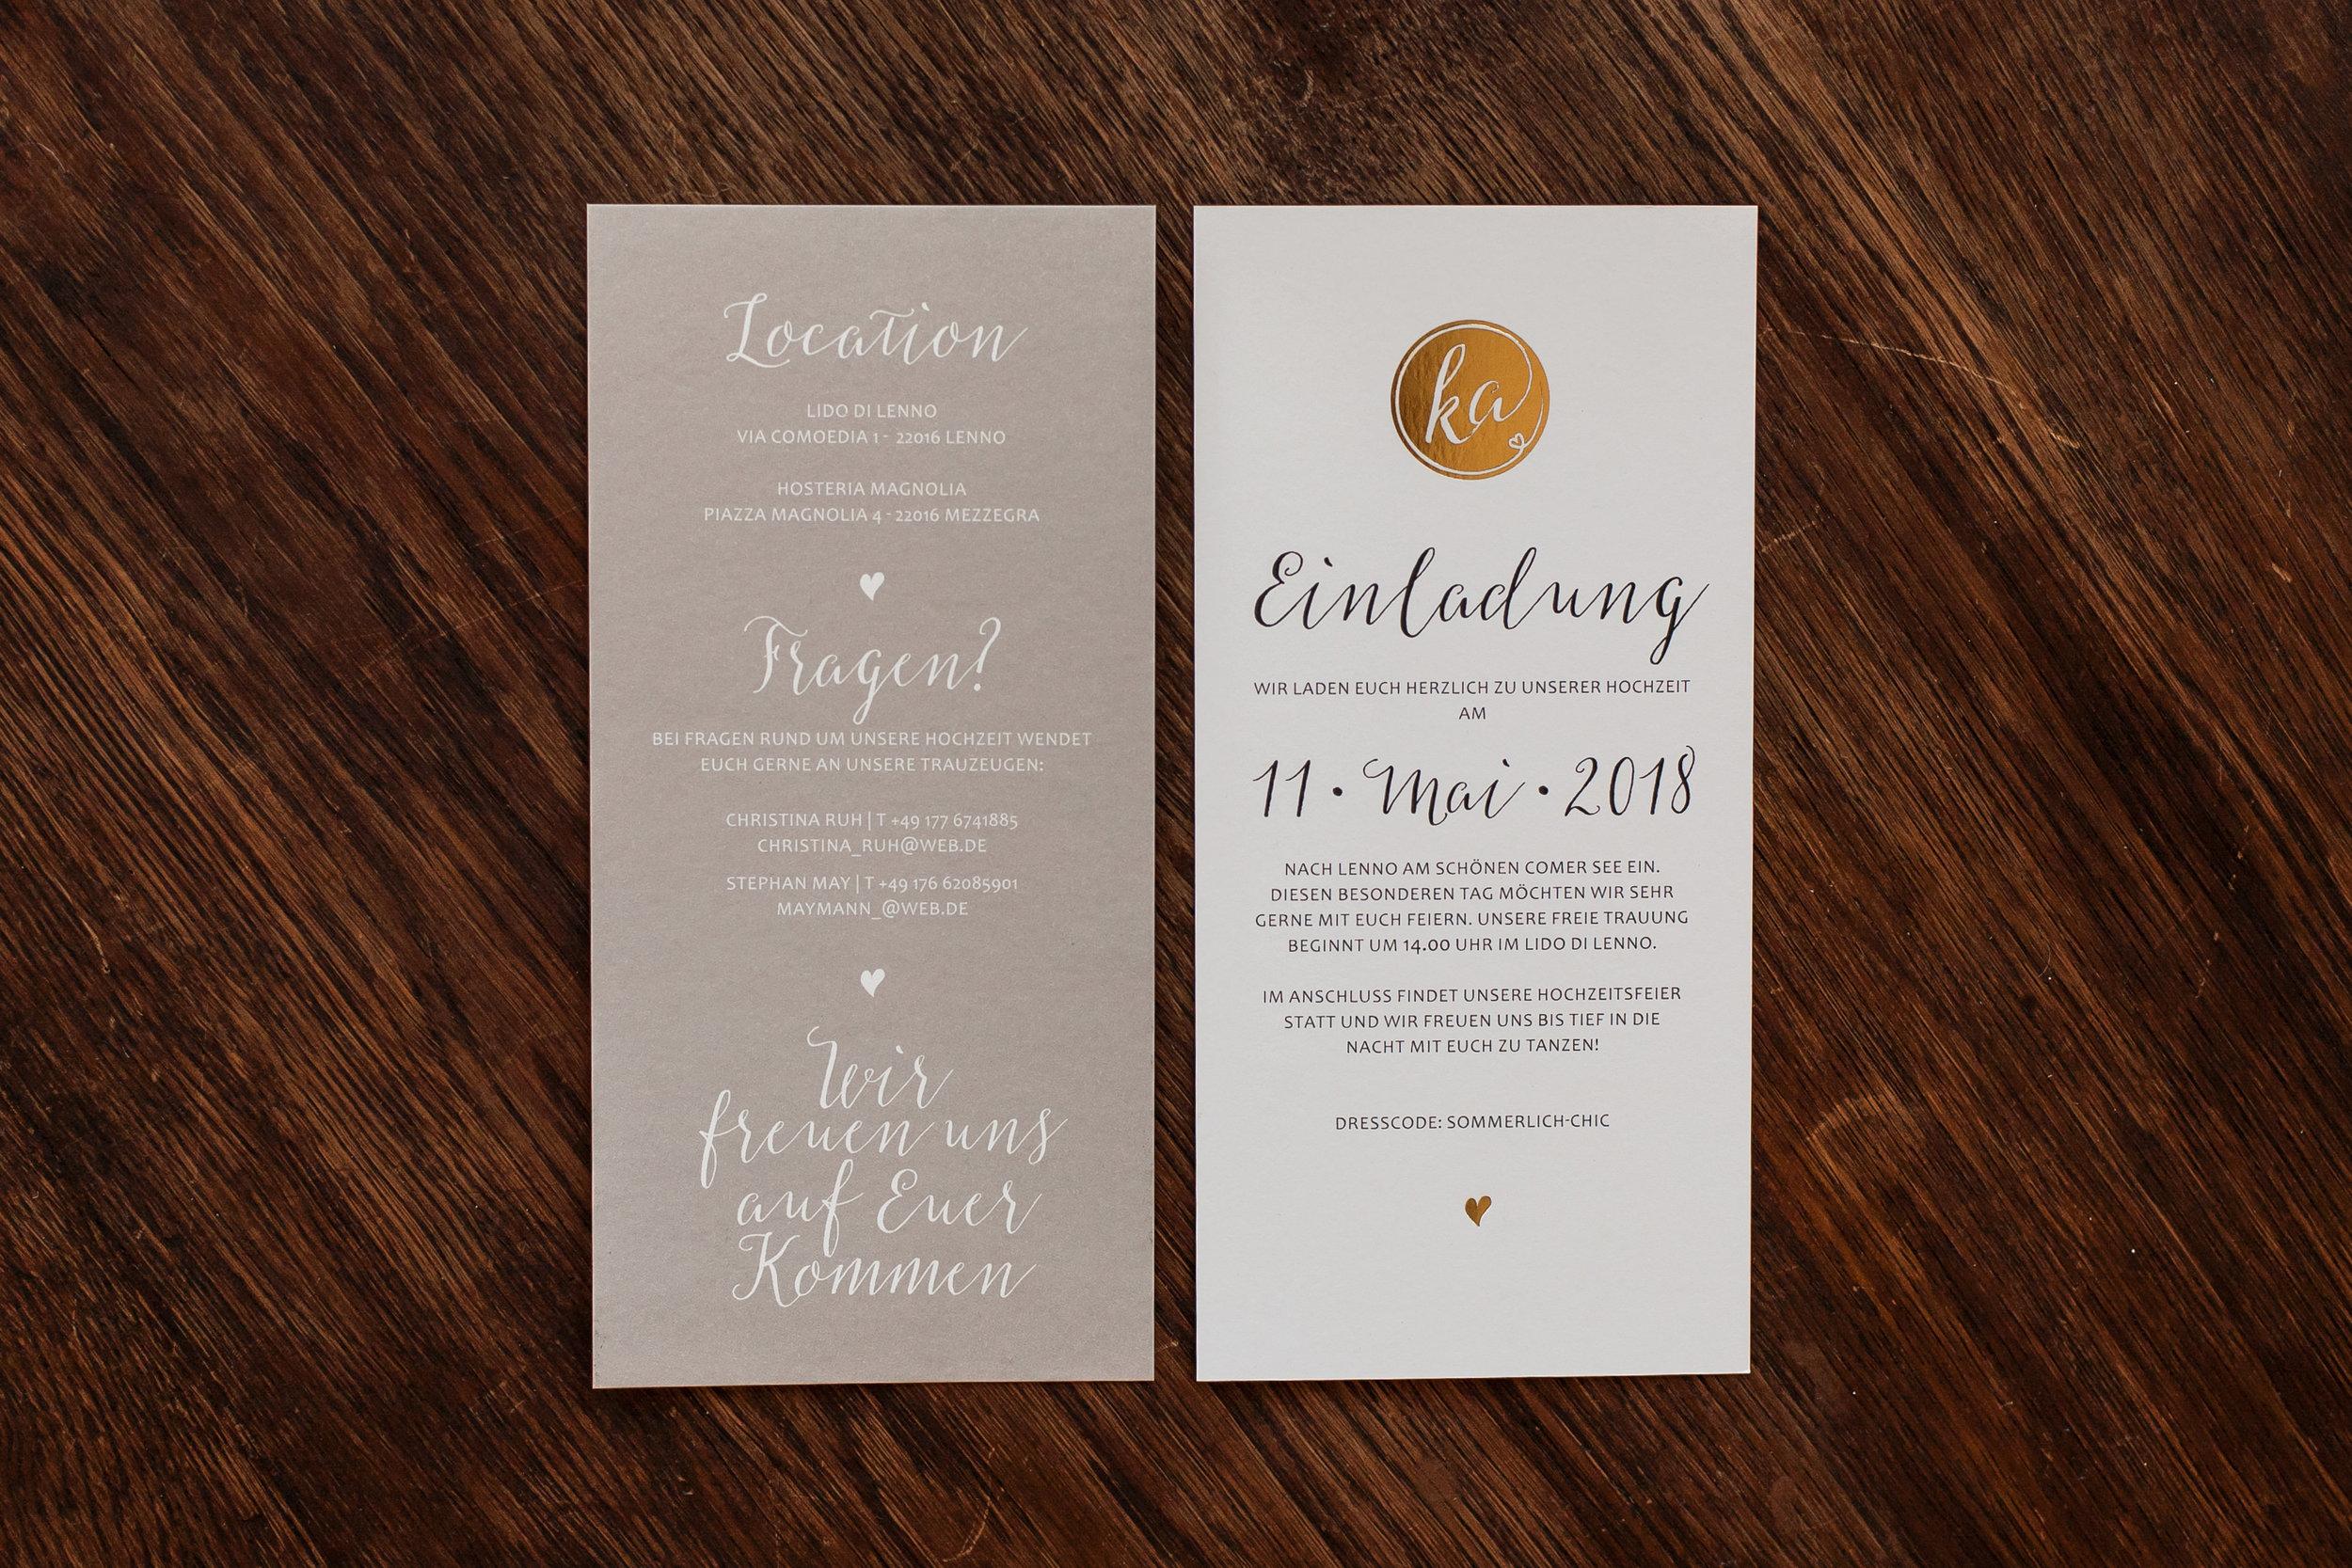 Einladungskarte, zwei Flachkarten beidseitig bedruckt (Vorderseiten) mit Goldveredelung